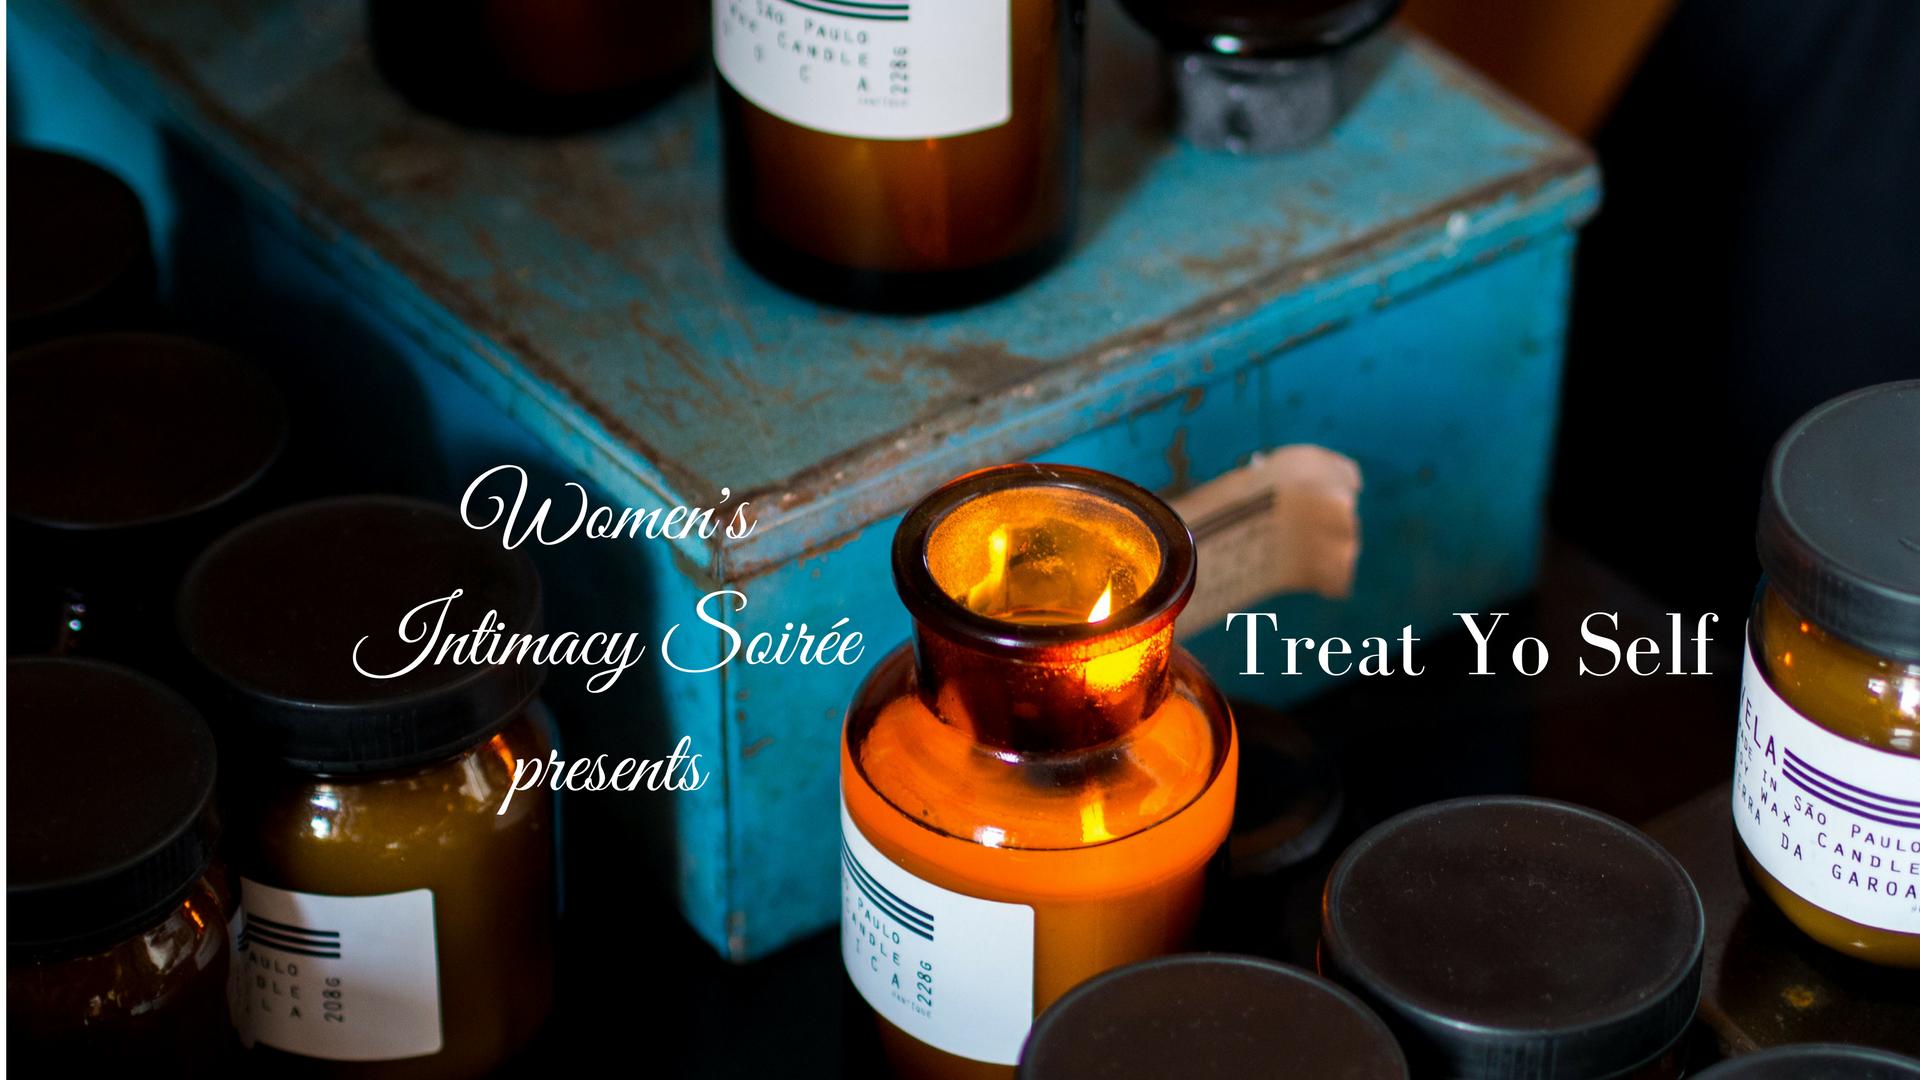 Women's Intimacy Soirée: Treat Yo Self